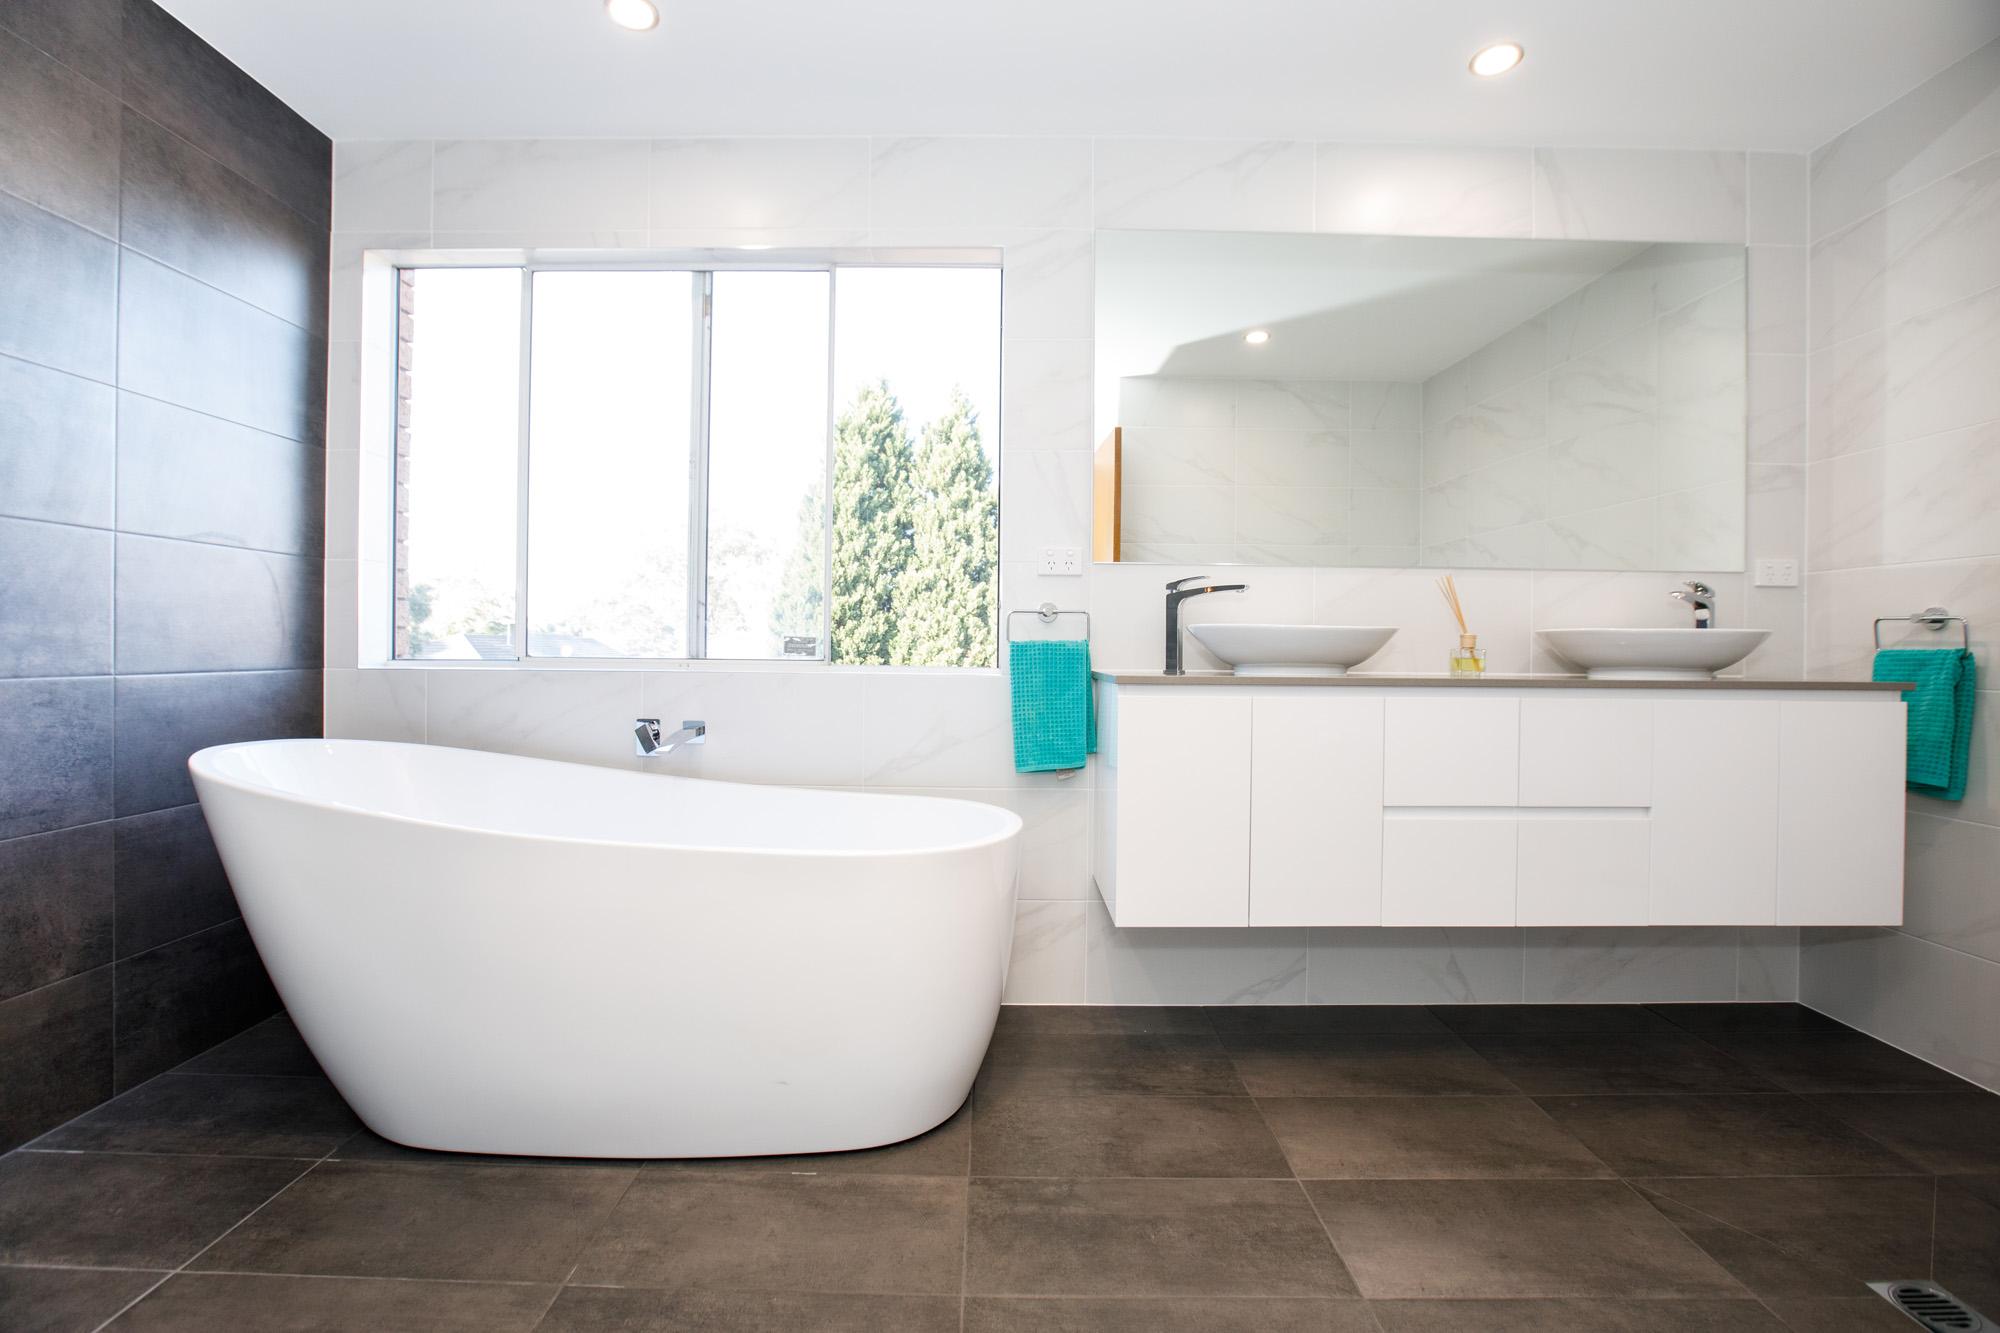 bathroom-decor-ideas